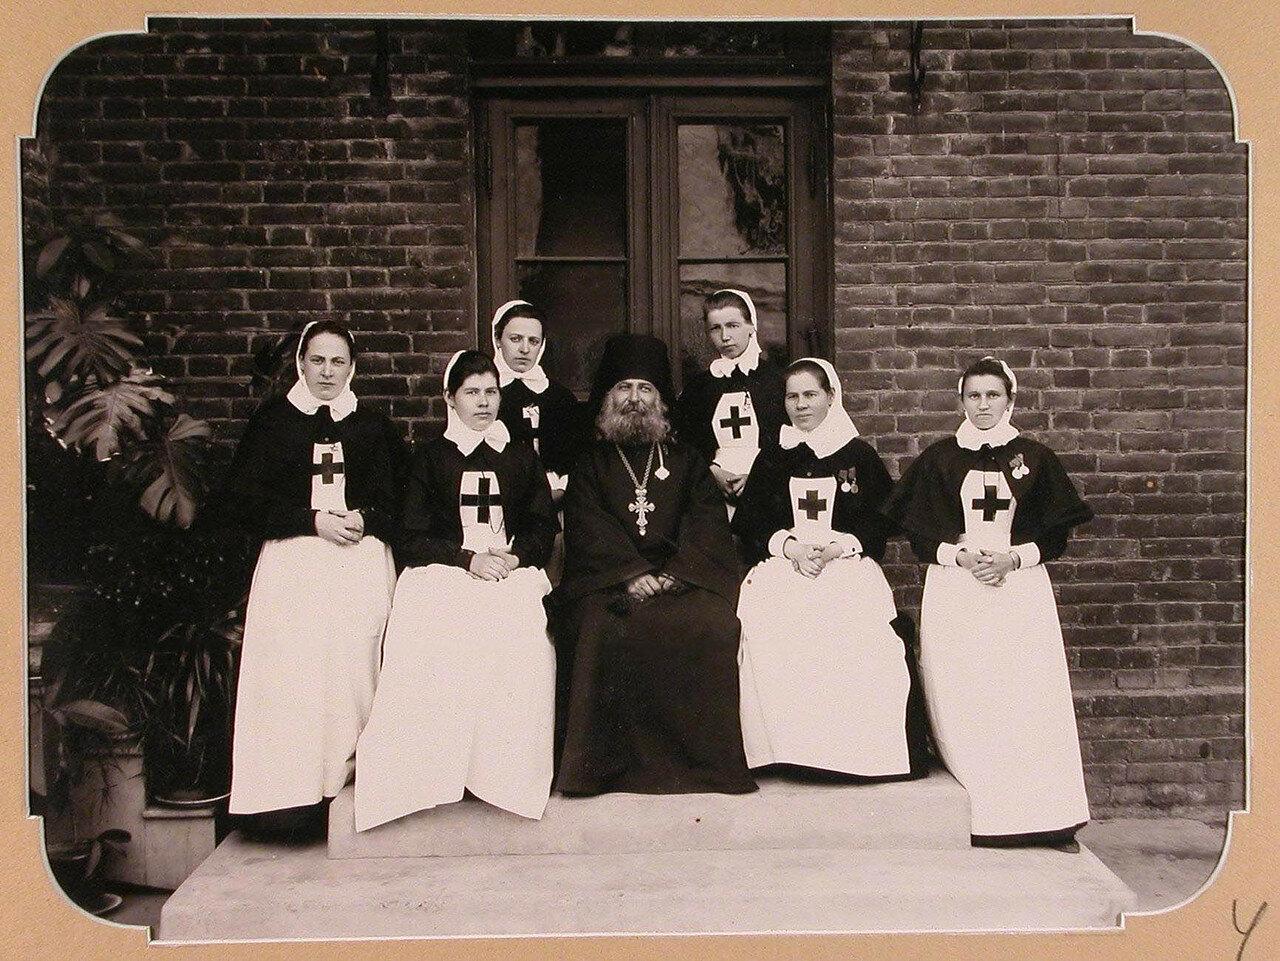 Отряд сестер милосердия из г. Кронштадта, предназначенный для плавучего госпиталя, организованного на пароходе «Царица». Одесса. 1900